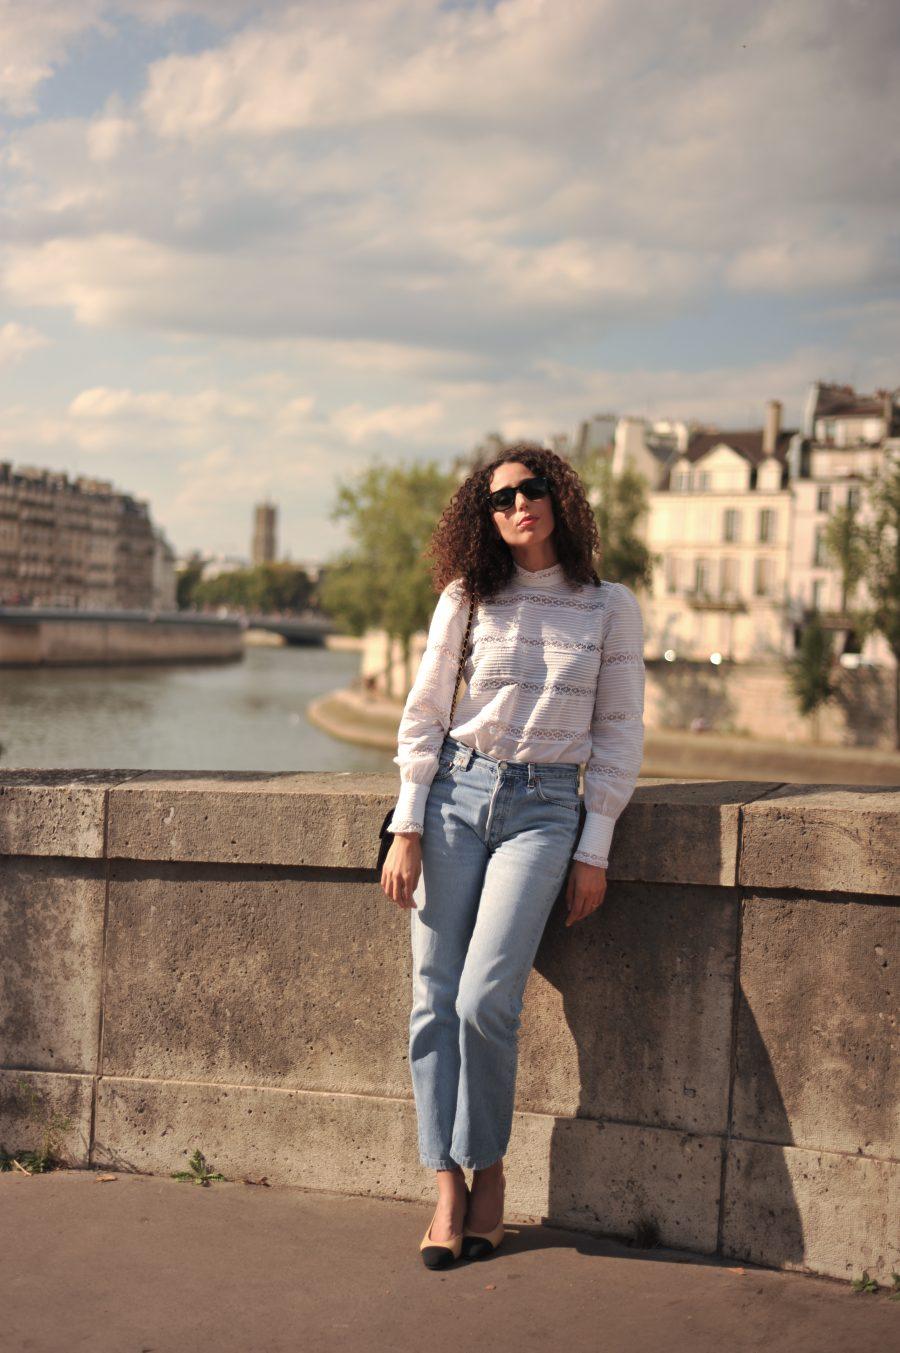 blouse-isabel-marant-theoutnet